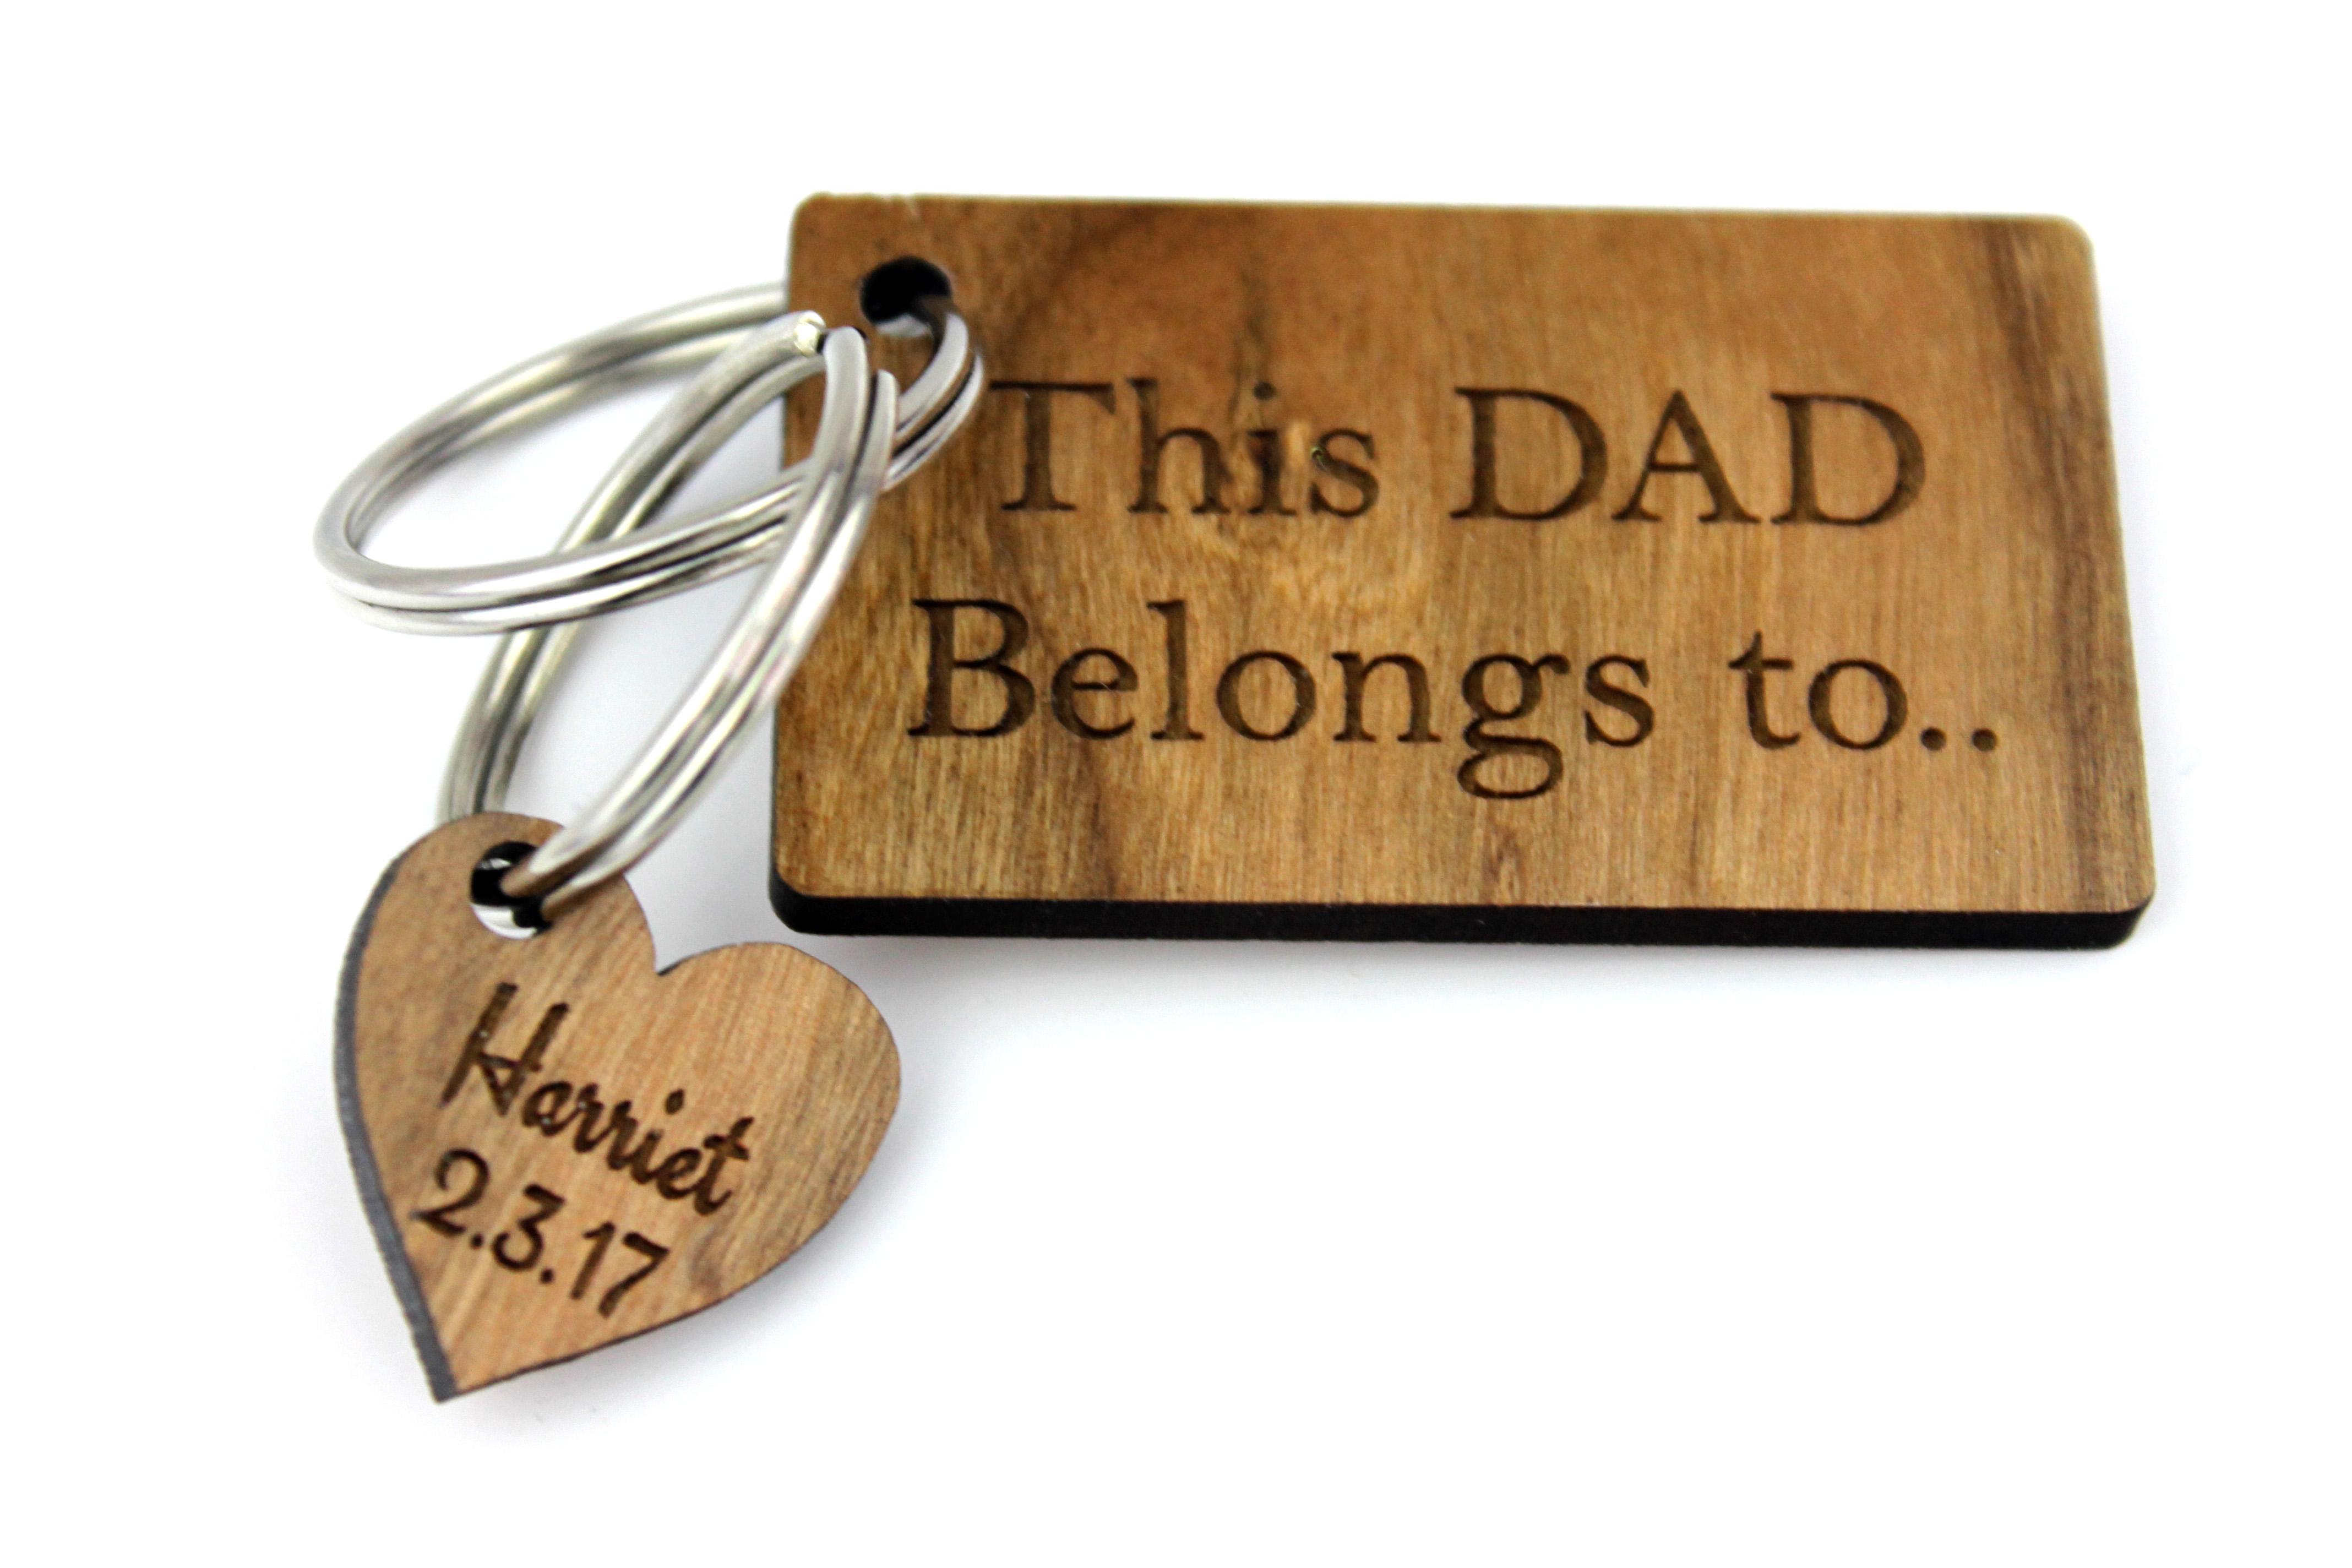 This Dad Belongs To Keyring